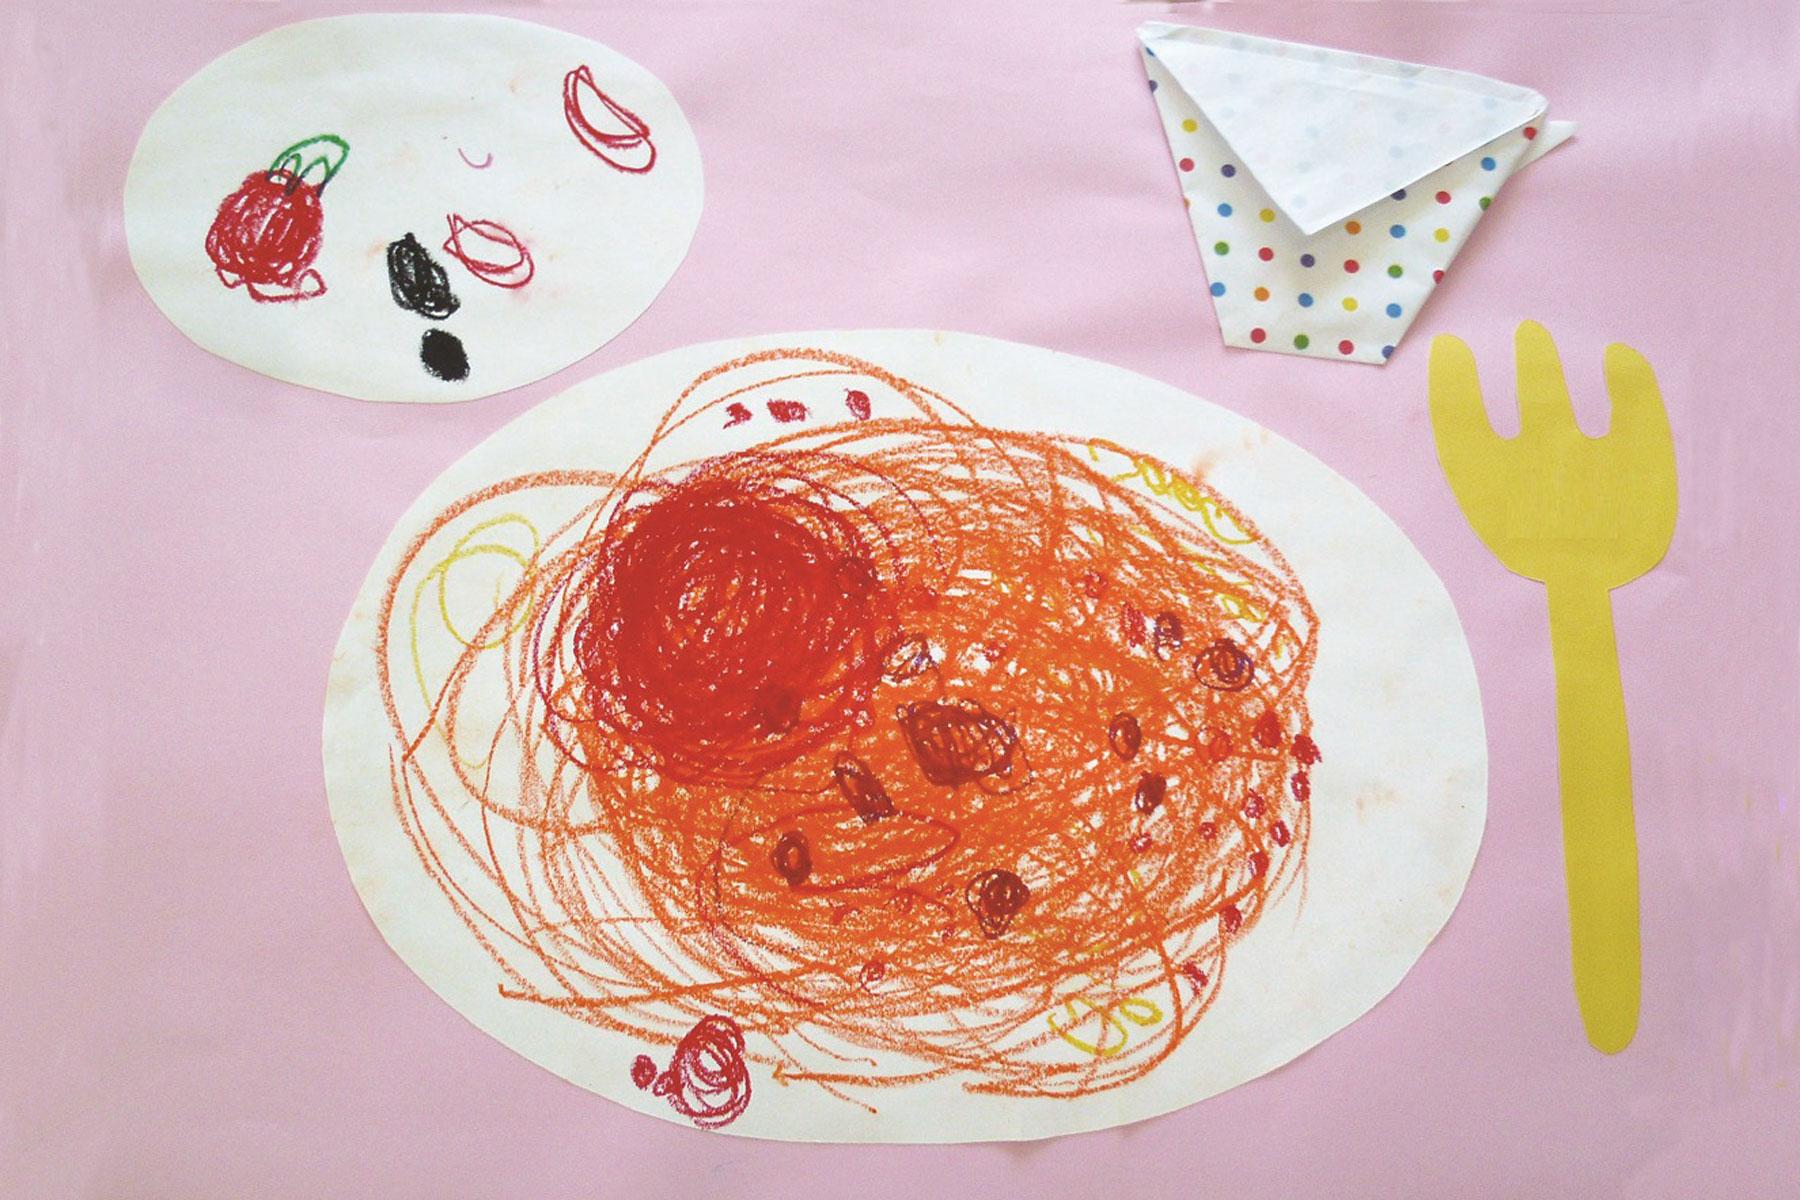 スパゲッティ製作遊び(4歳児)